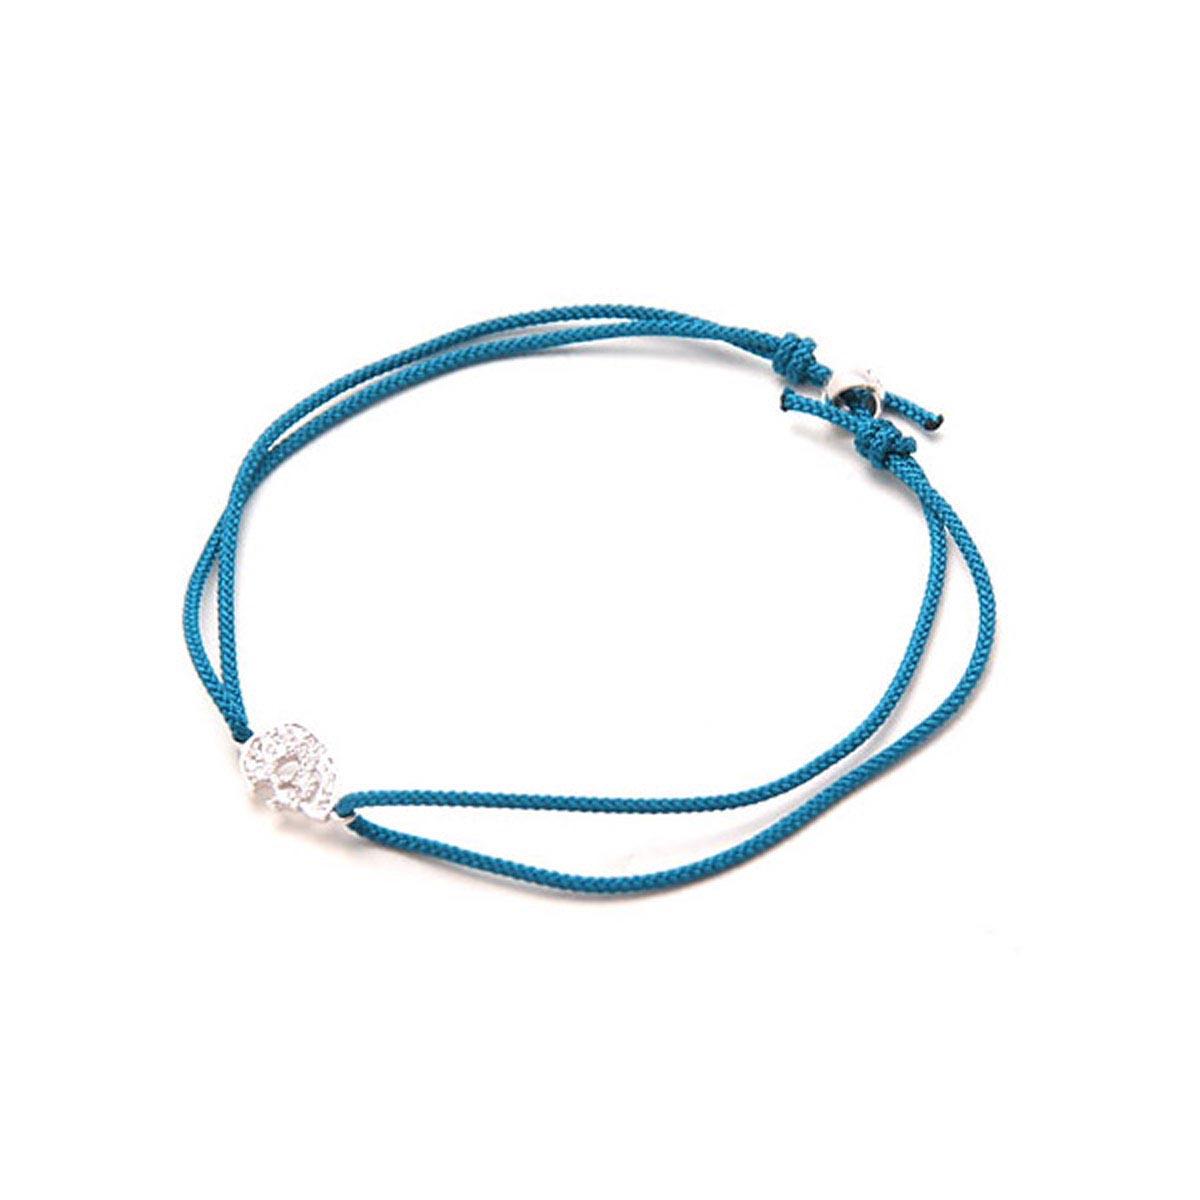 ガーデル GARDEL アンクレット ブレスレット ブルー メンズ レディース ギフト プレゼント 青 gda001s sv cz blue【返品交換不可】【ラッピング無料】【190116】